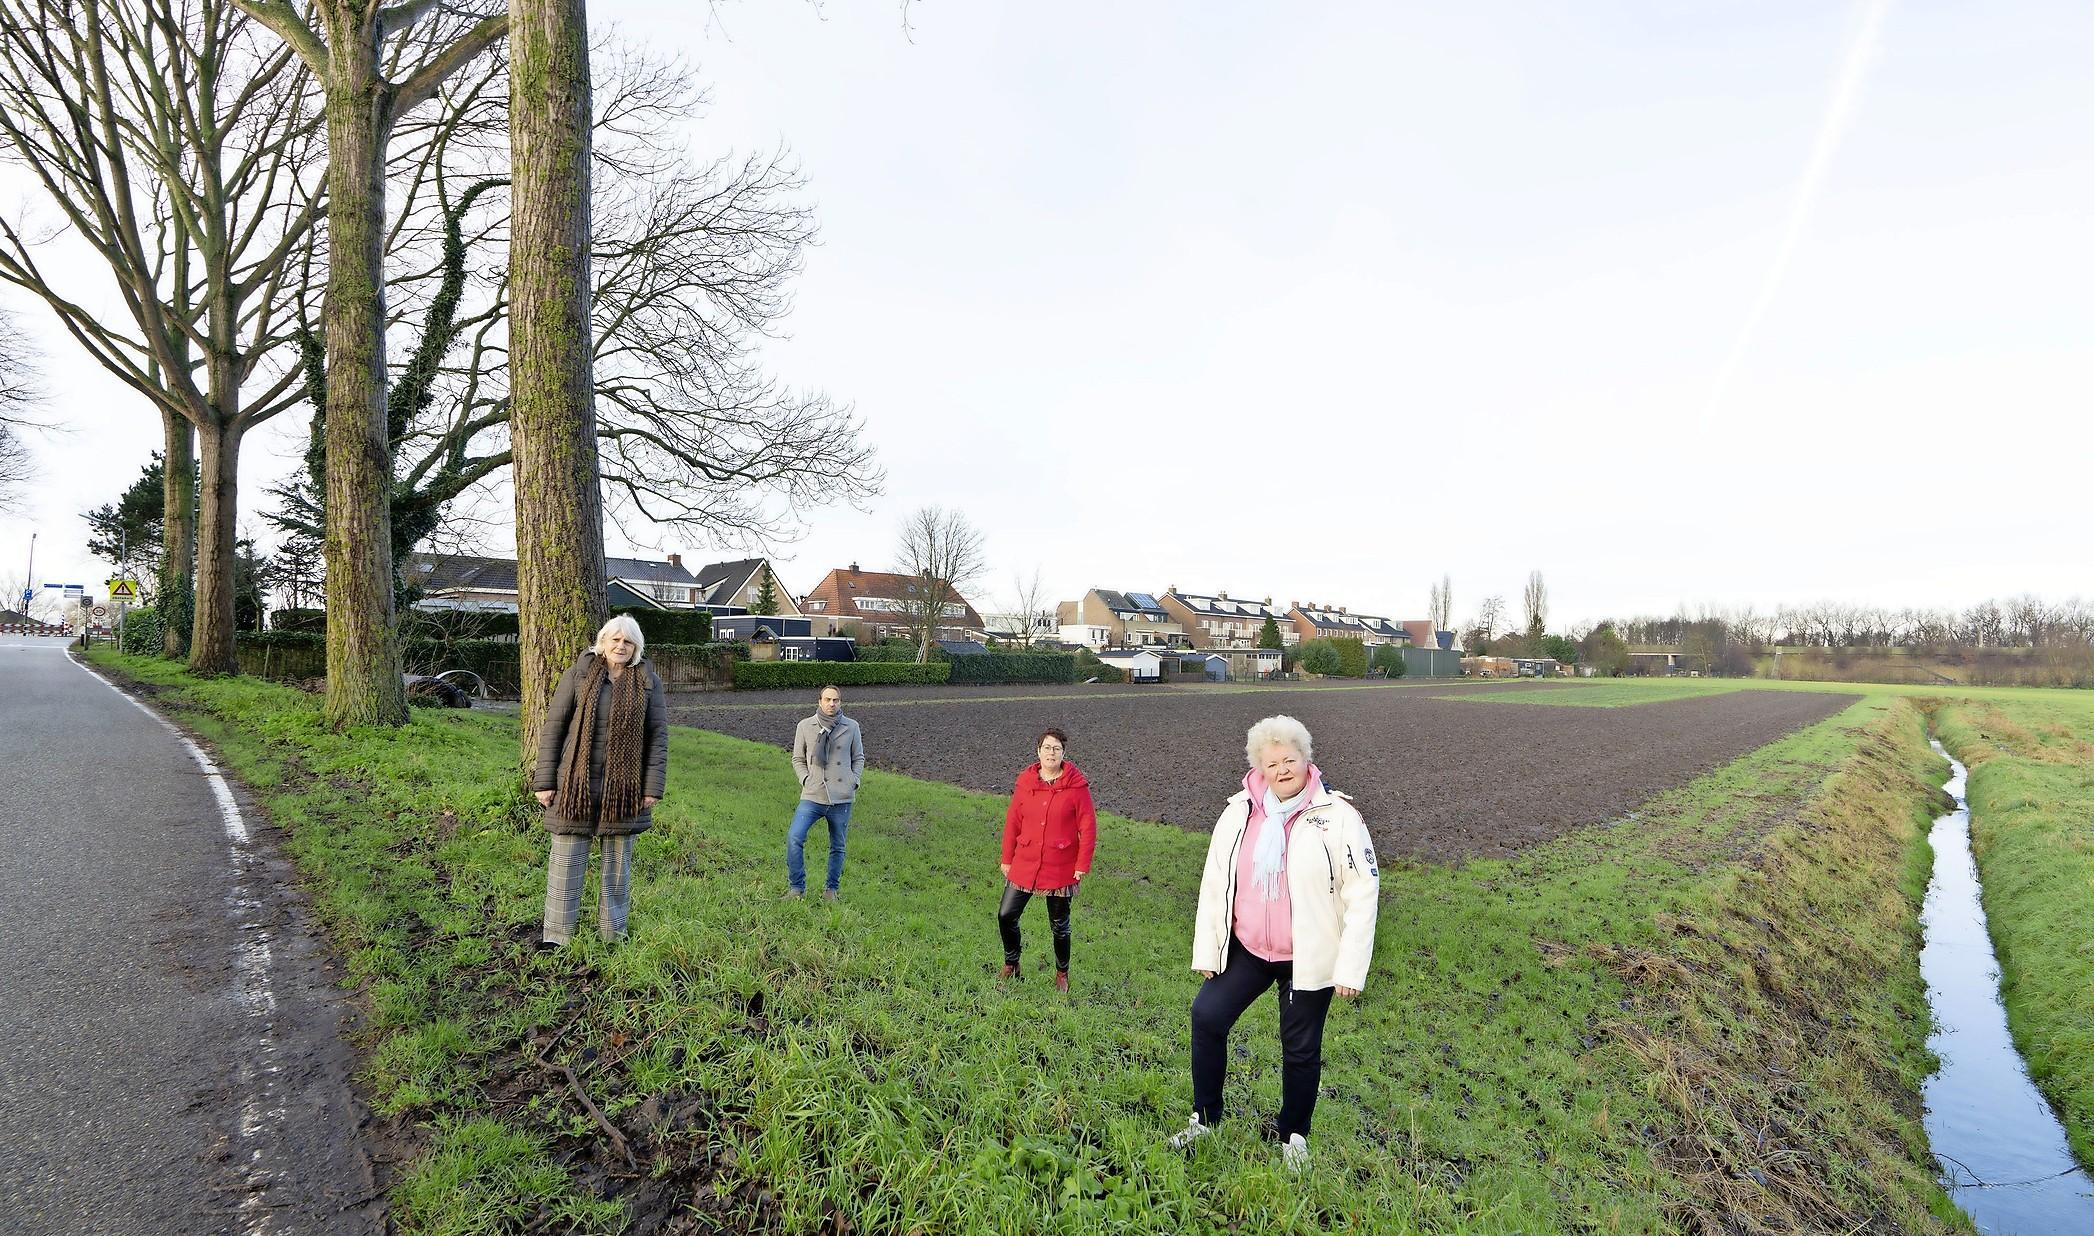 Bewoners Haarlemmermeers dorp Buitenkaag zien brug naar Kaageiland als oplossing van hun parkeerprobleem: 'Botenbouwer Royal Van Lent is hier steeds meer publieke ruimte gaan claimen'